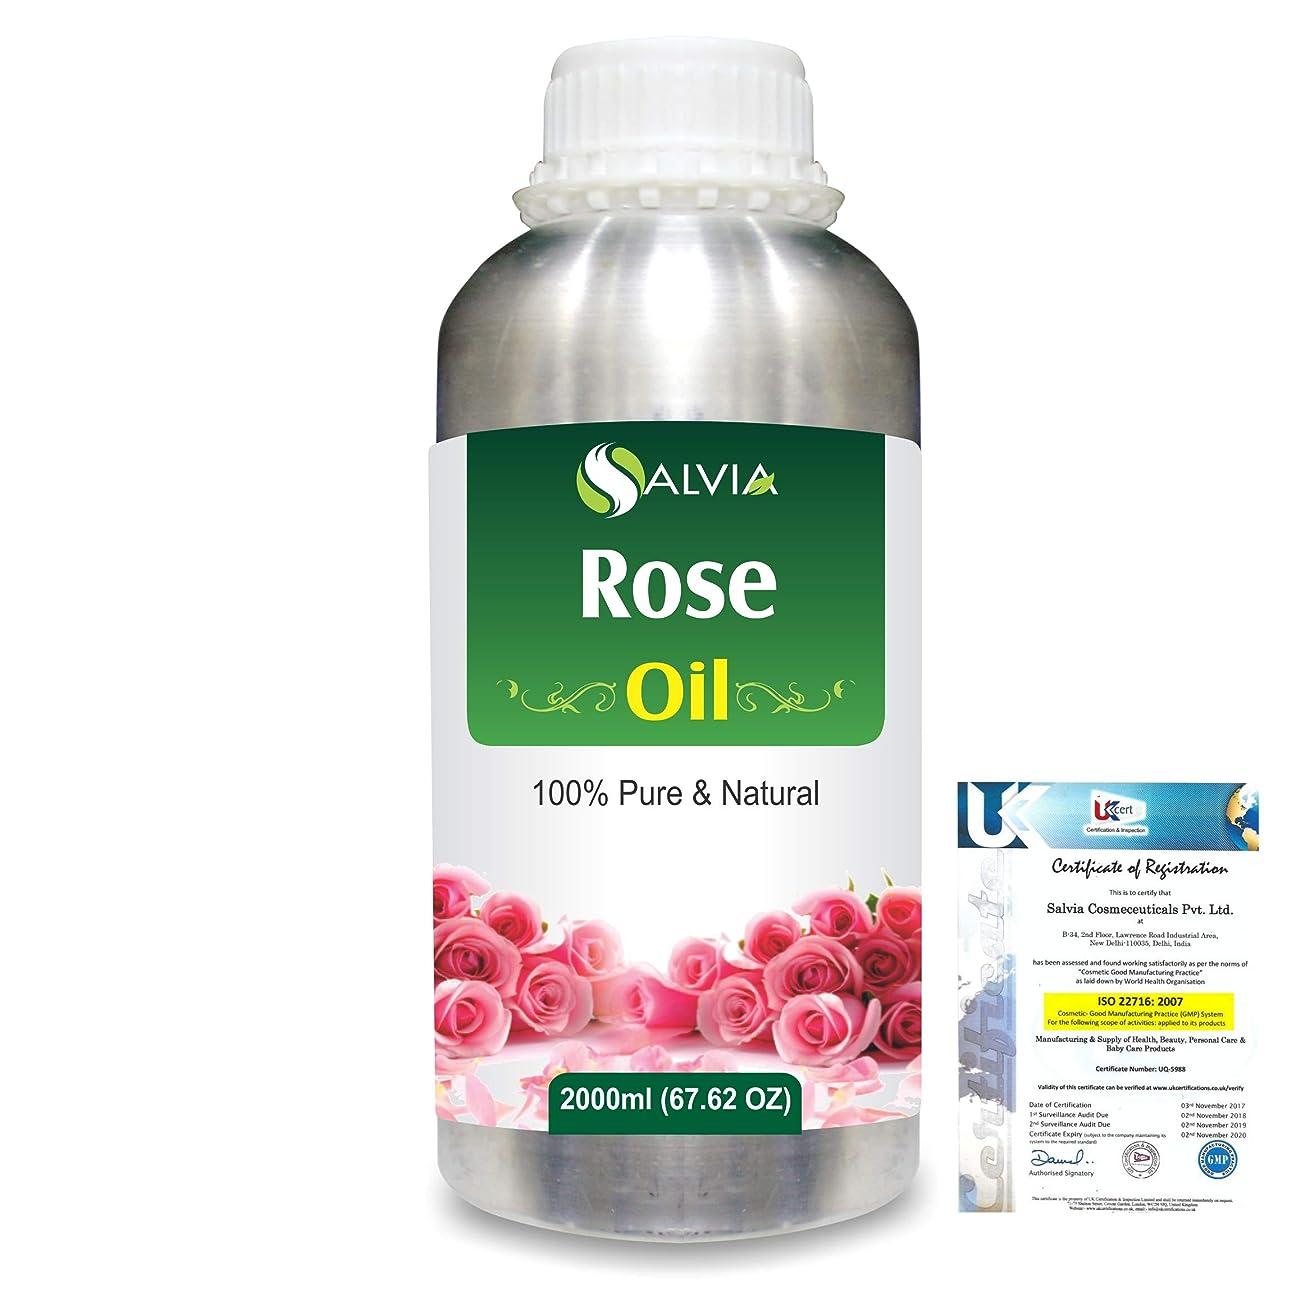 契約する否認するずるいRose (Rosa Damacenia) 100% Natural Pure Essential Oil 2000ml/67 fl.oz.